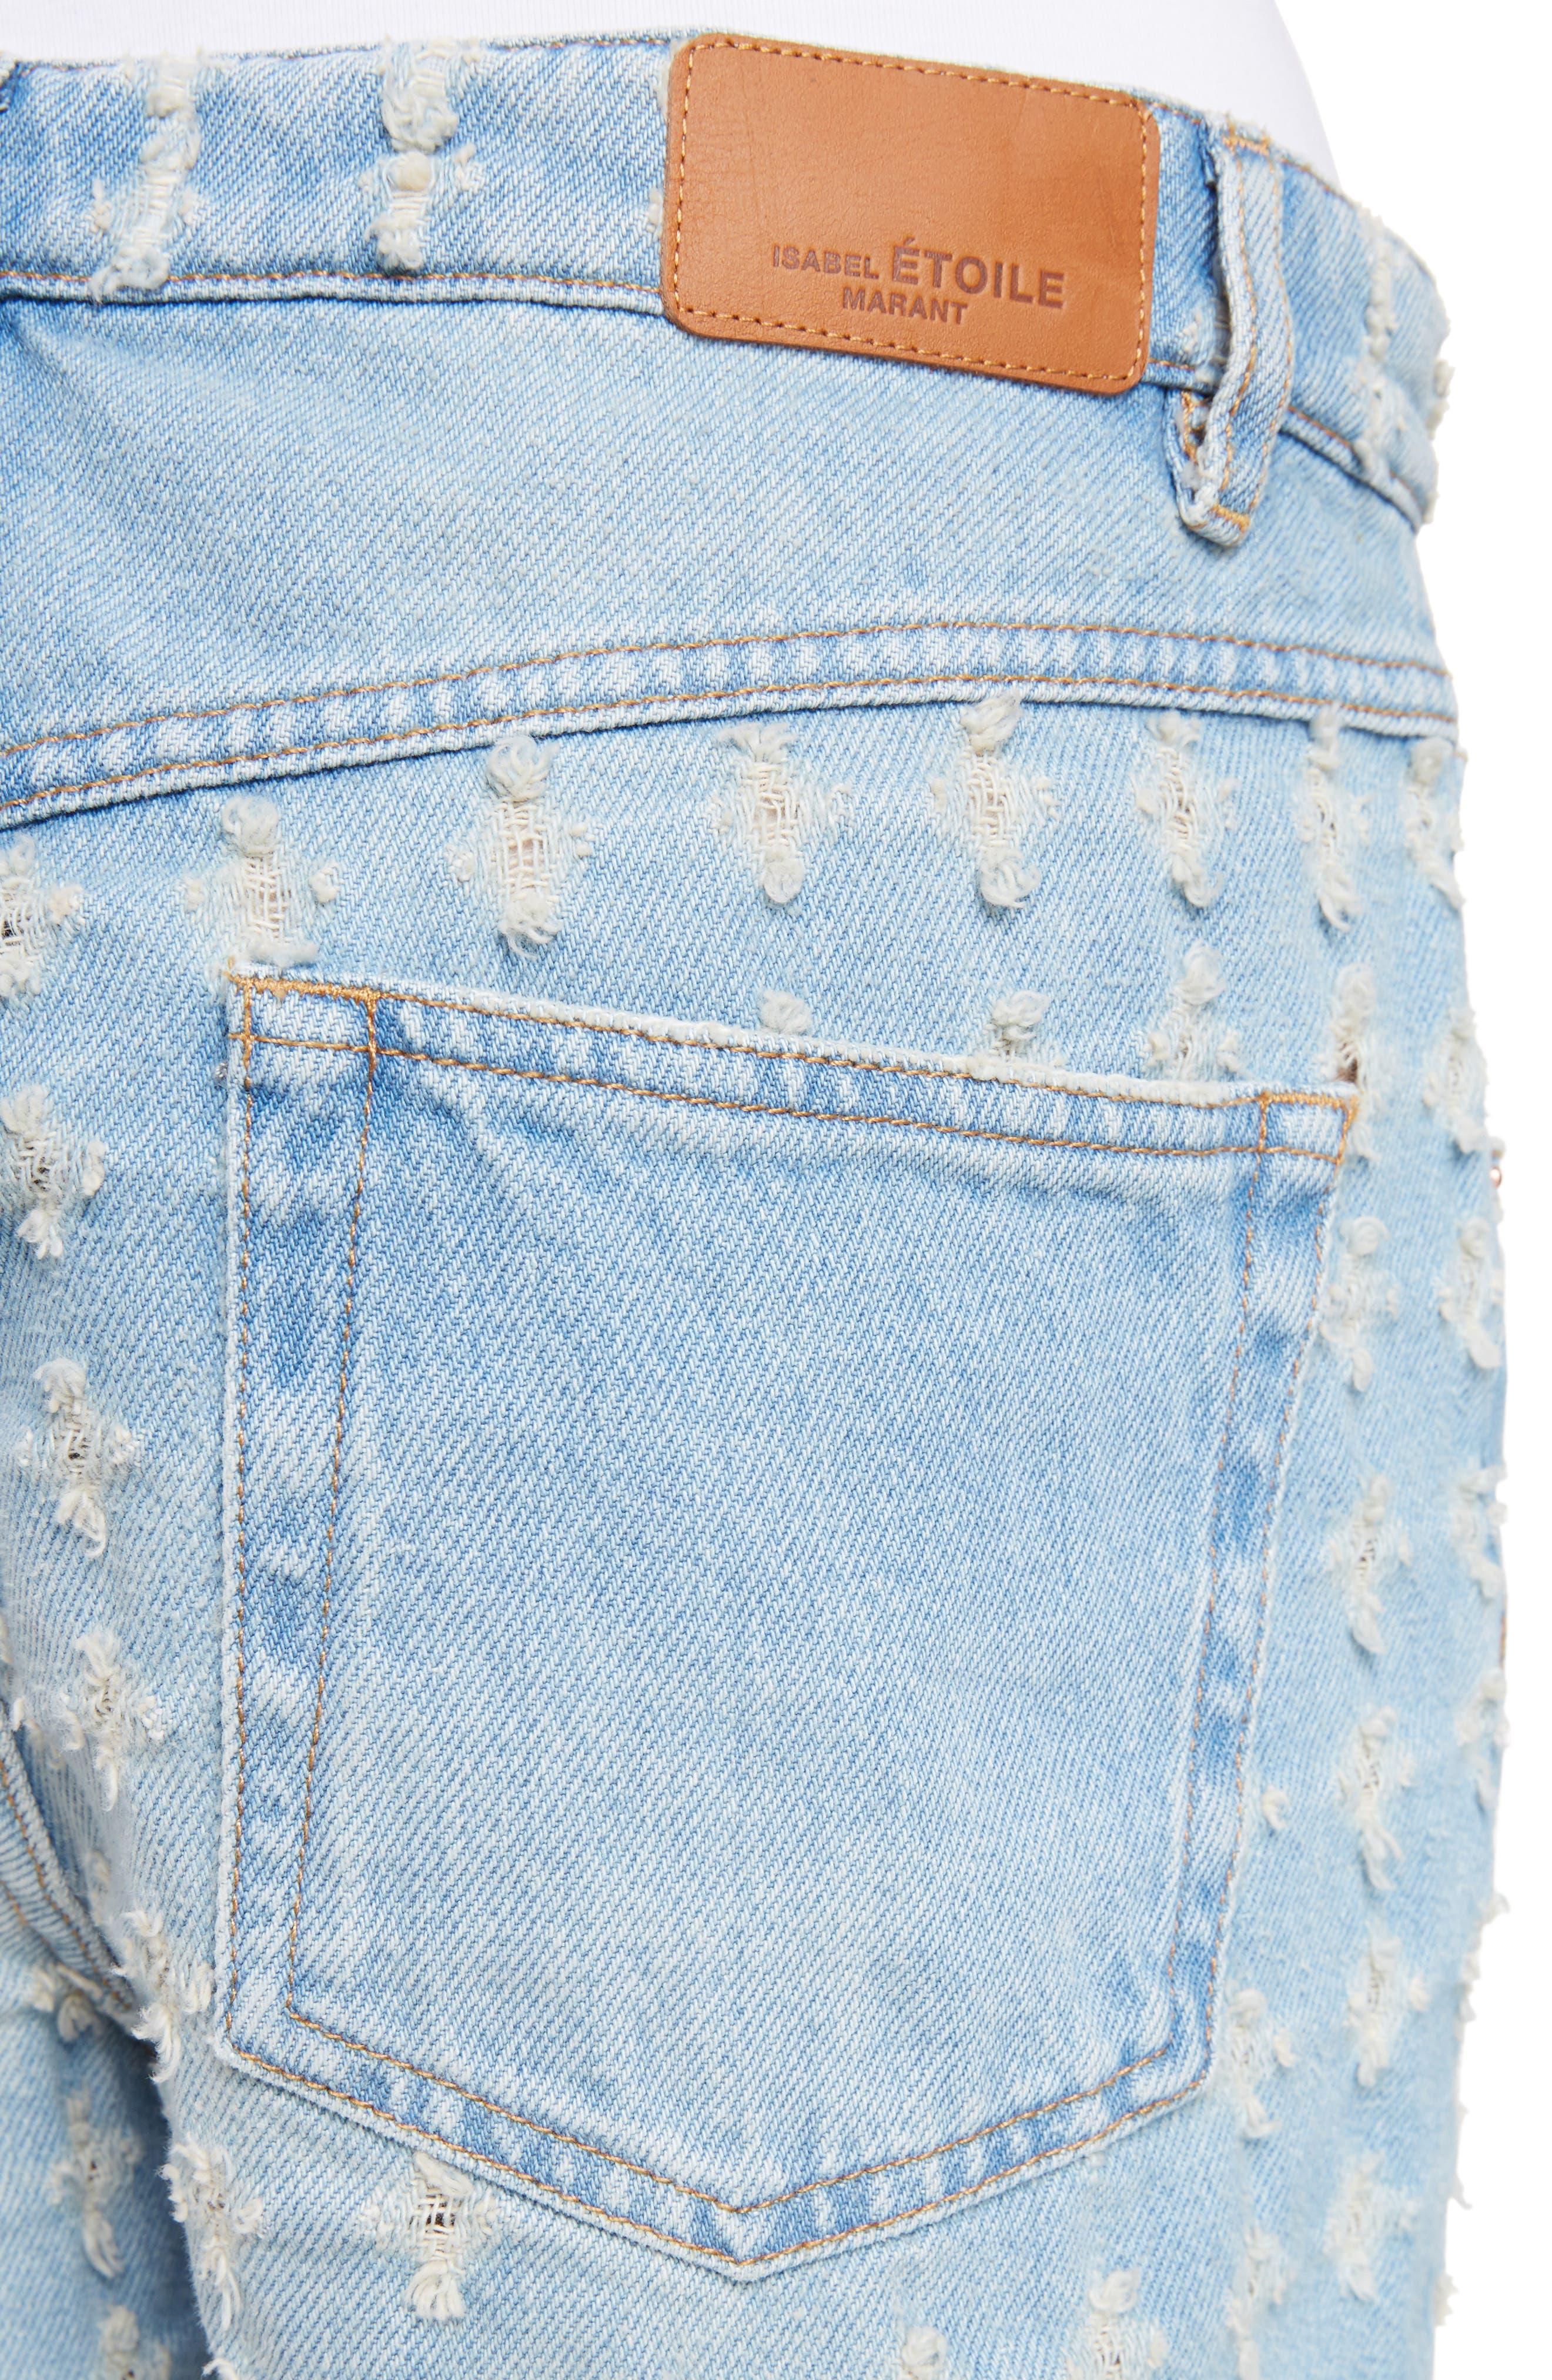 Isabel Marant Étoile Ripped Denim Shorts,                             Alternate thumbnail 8, color,